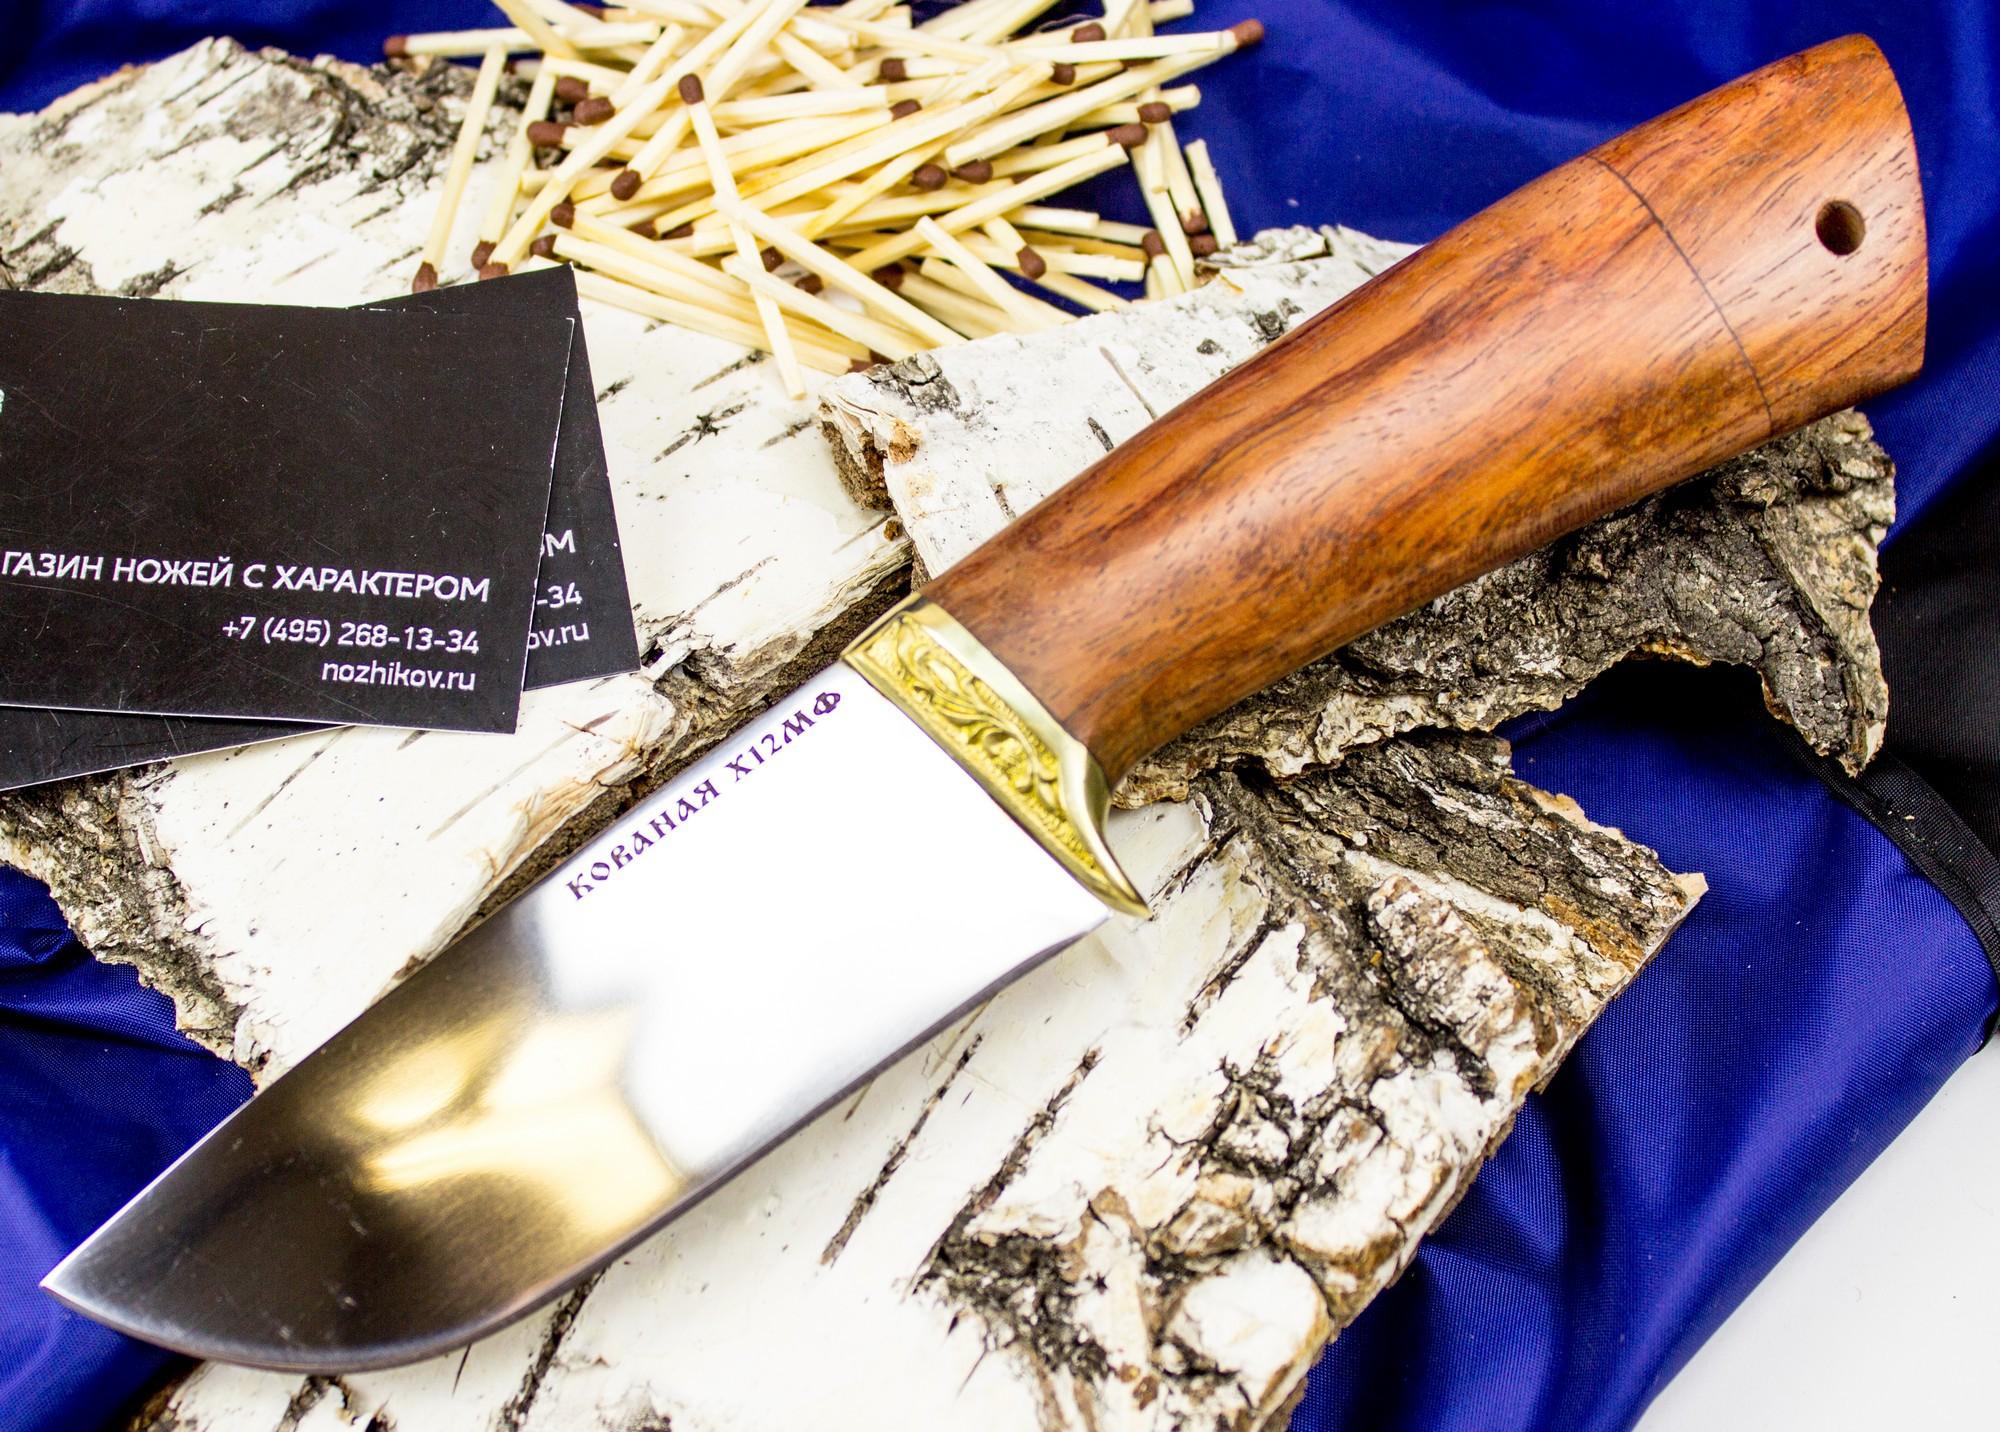 Нож Скин, сталь Х12МФ, мельхиорНожи Ворсма<br>Универсальный нож для рыболовов и туристов.Шкуросъёмныйнож предназначен для разделки животного. Имеет широкое, короткое лезвие для аккуратного снятия шкуры.<br>